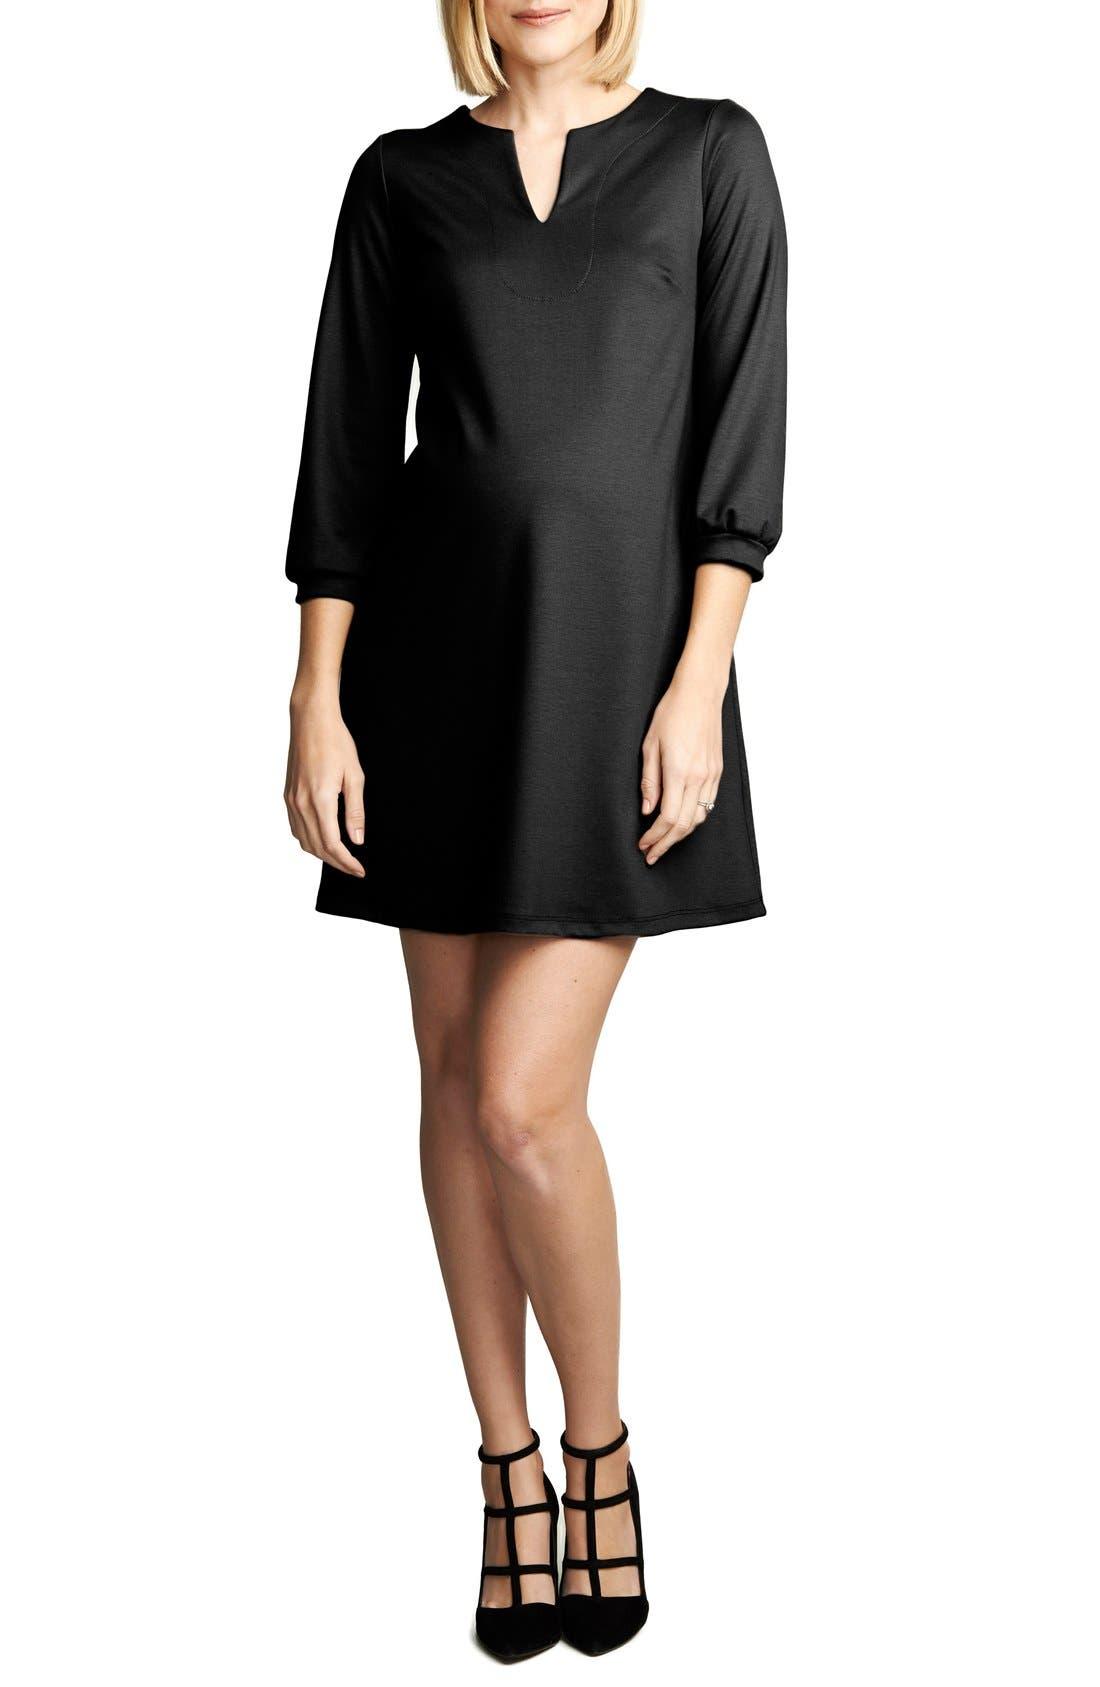 Shift Maternity Dress,                             Main thumbnail 1, color,                             BLACK